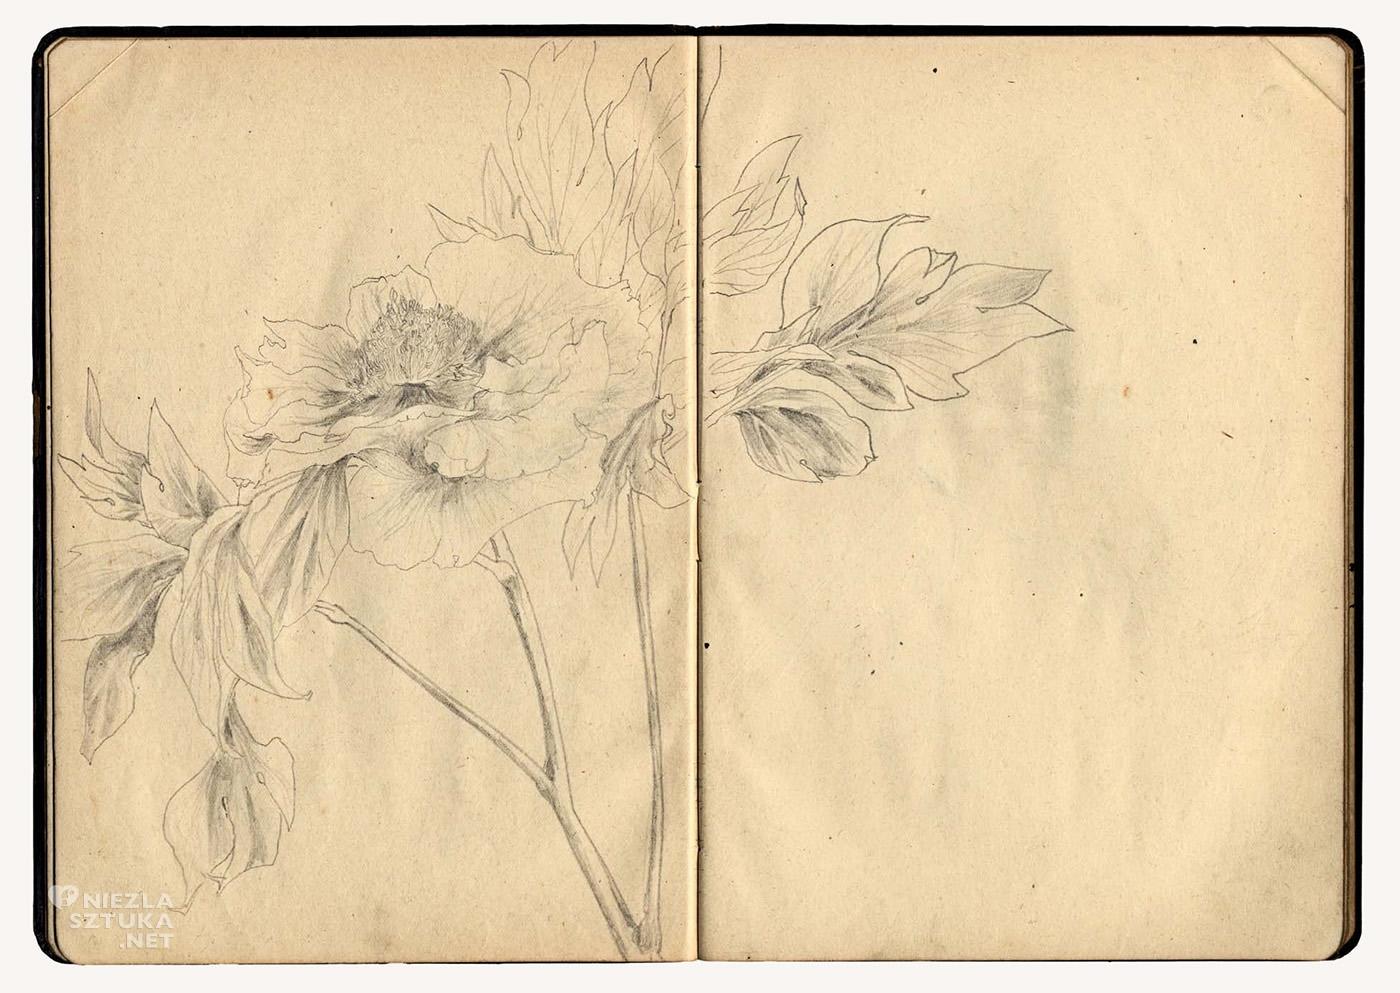 Yayoi Kusama, strona ze szkicownika, sztuka współczesna, Niezła Sztuka